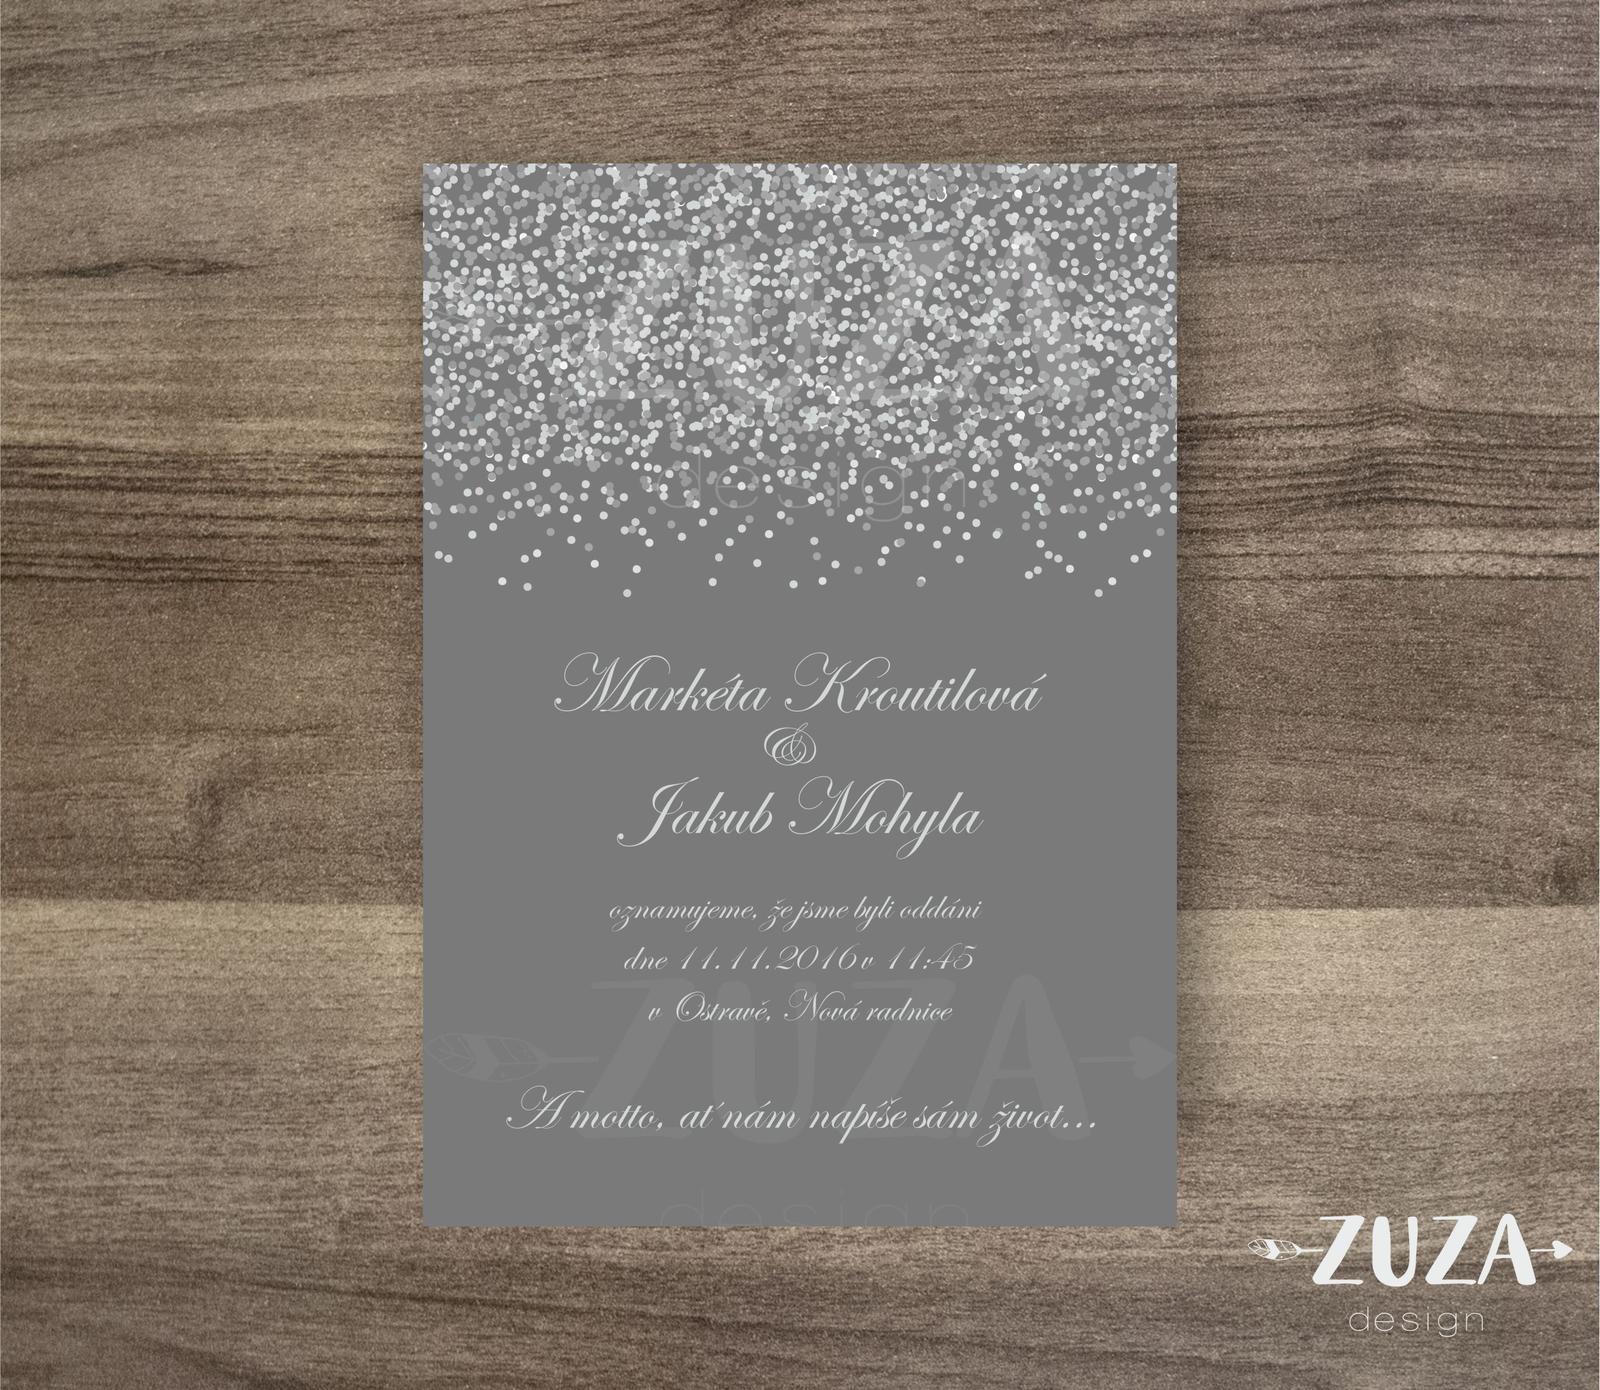 Svatební oznámení - Obrázek č. 13